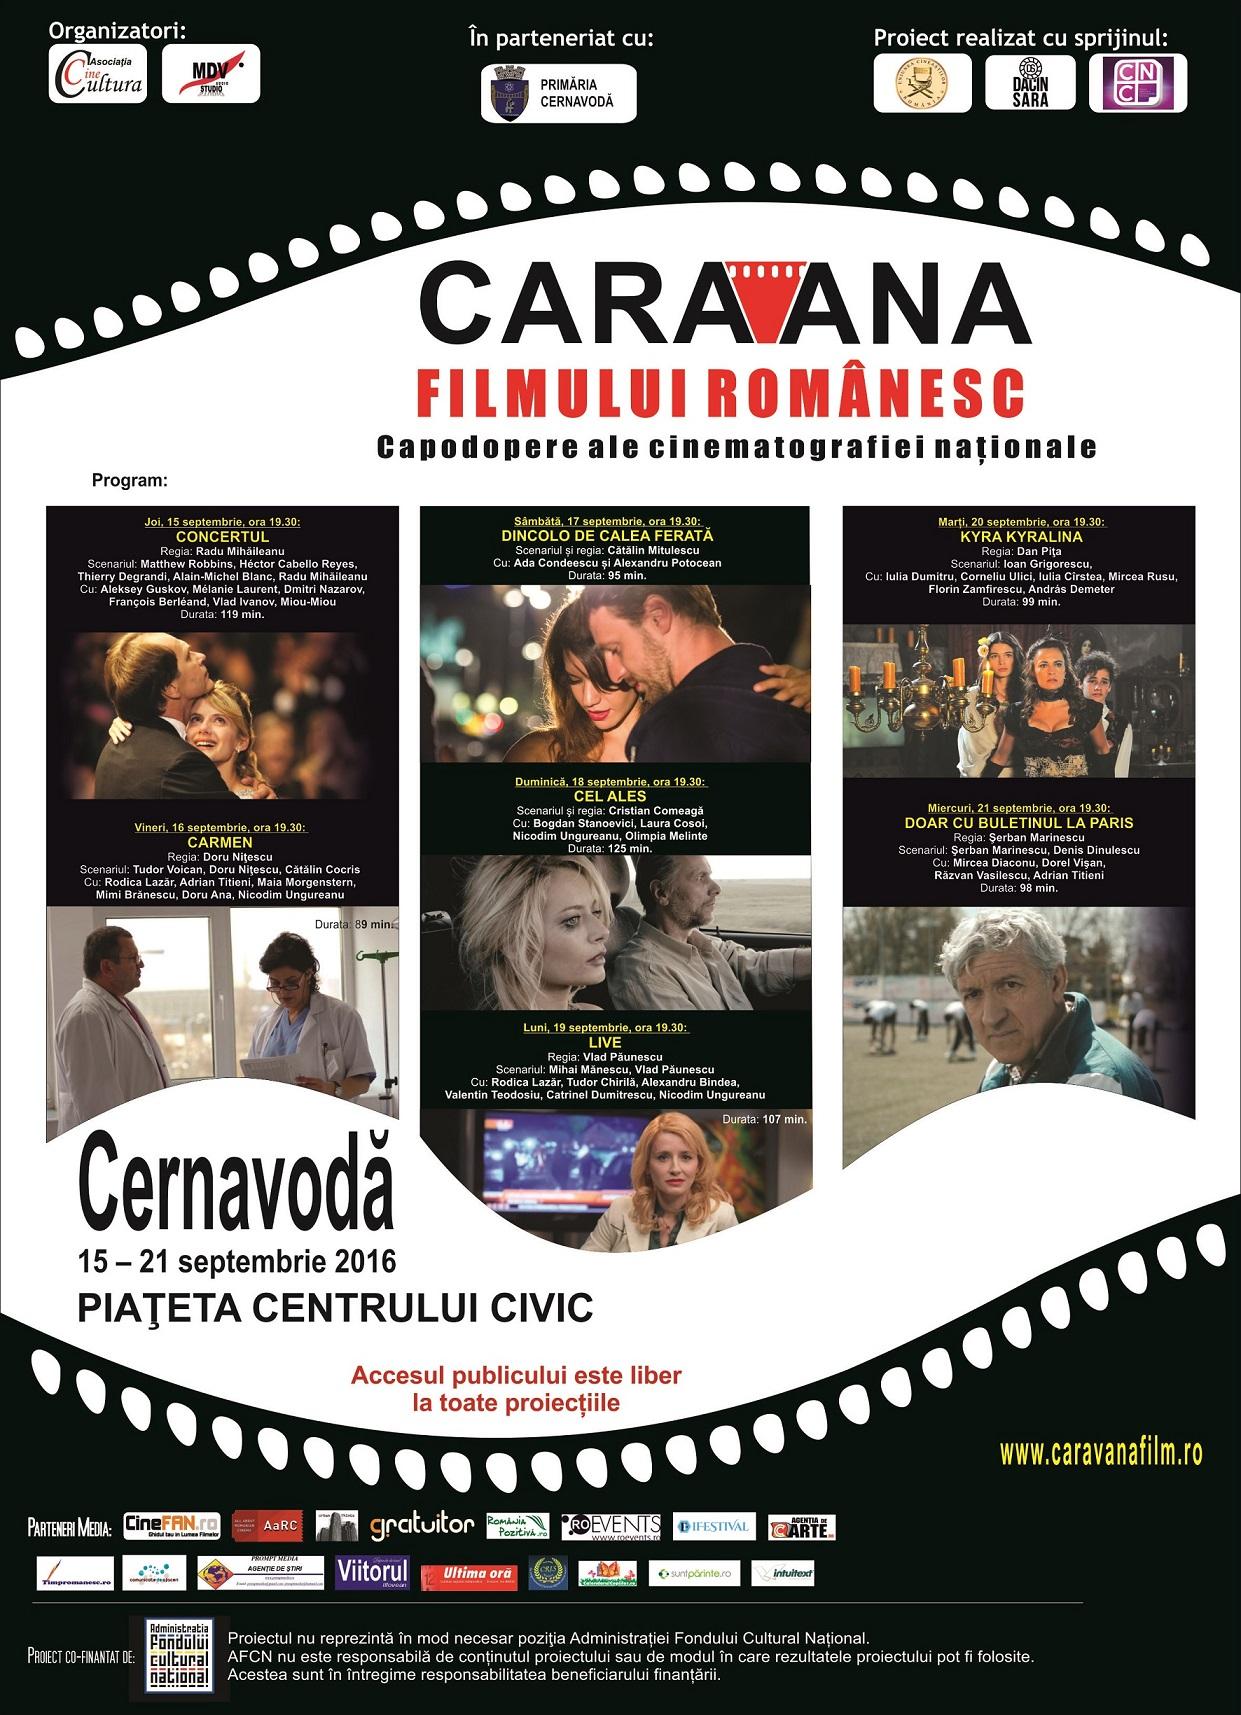 afis-caravana-la-cernavoda-web